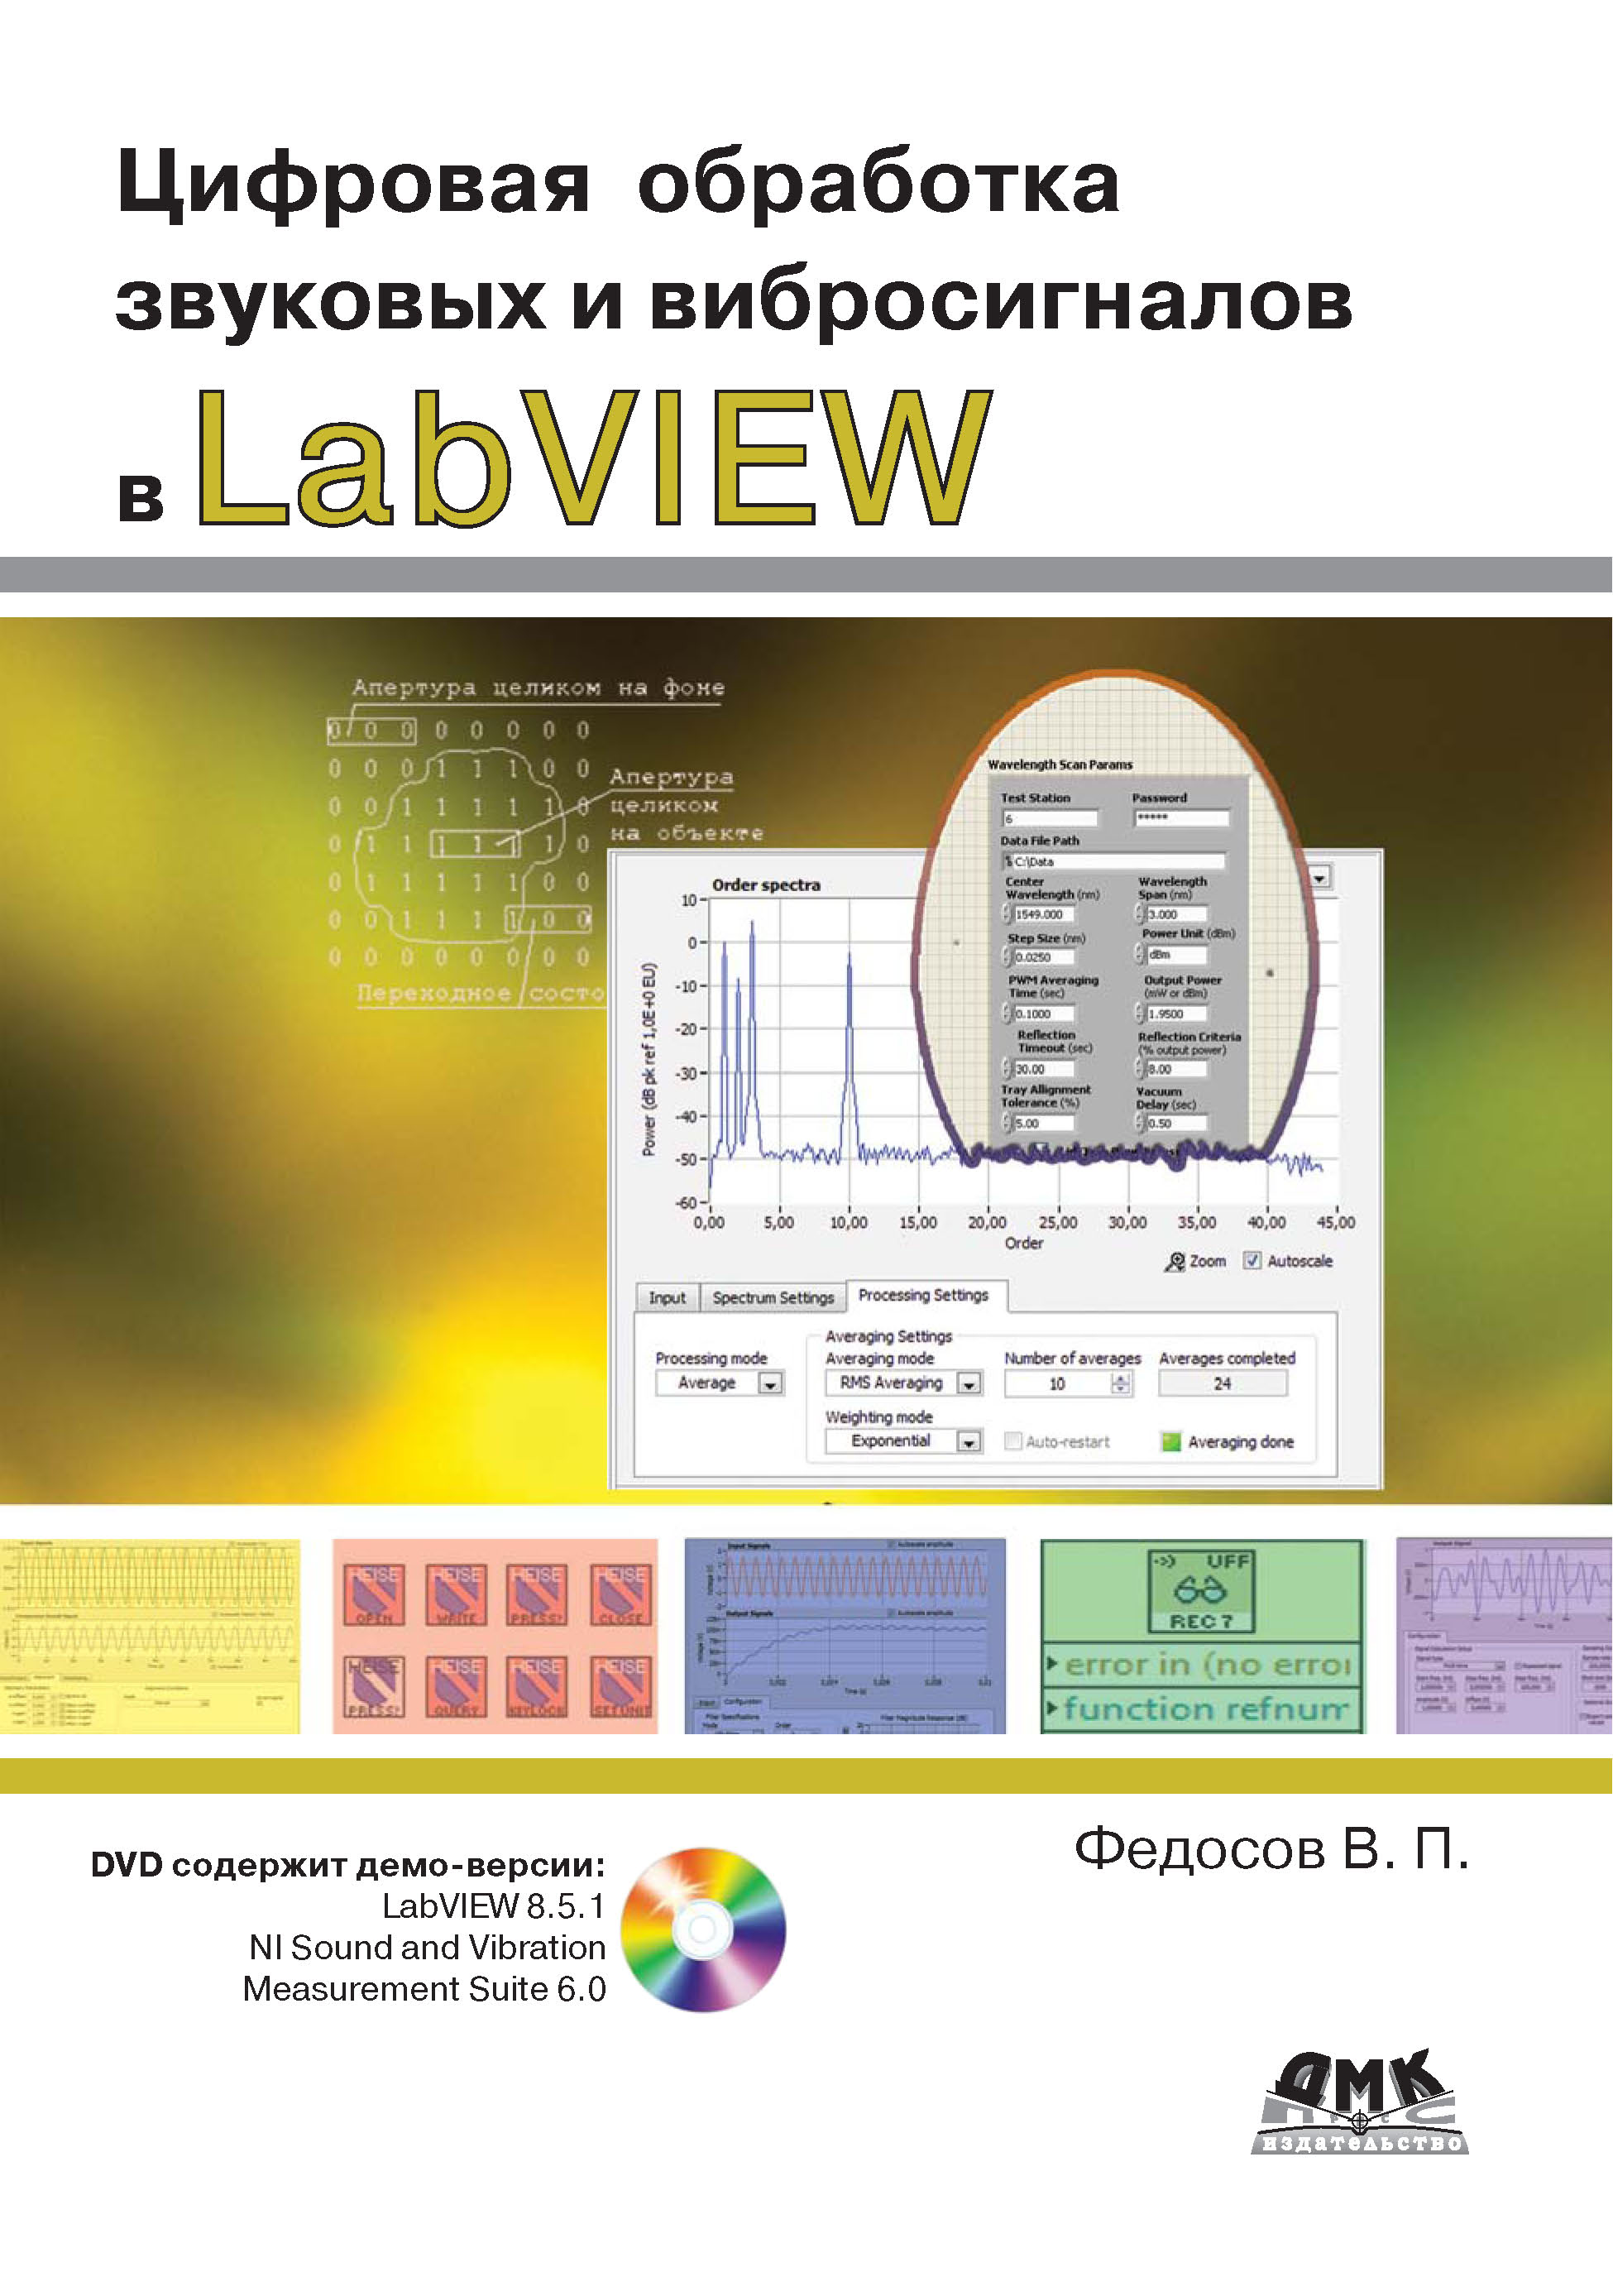 В. П. Федосов Цифровая обработка звуковых и вибросигналов в LabVIEW юрий магда labview практический курс для инженеров и разработчиков